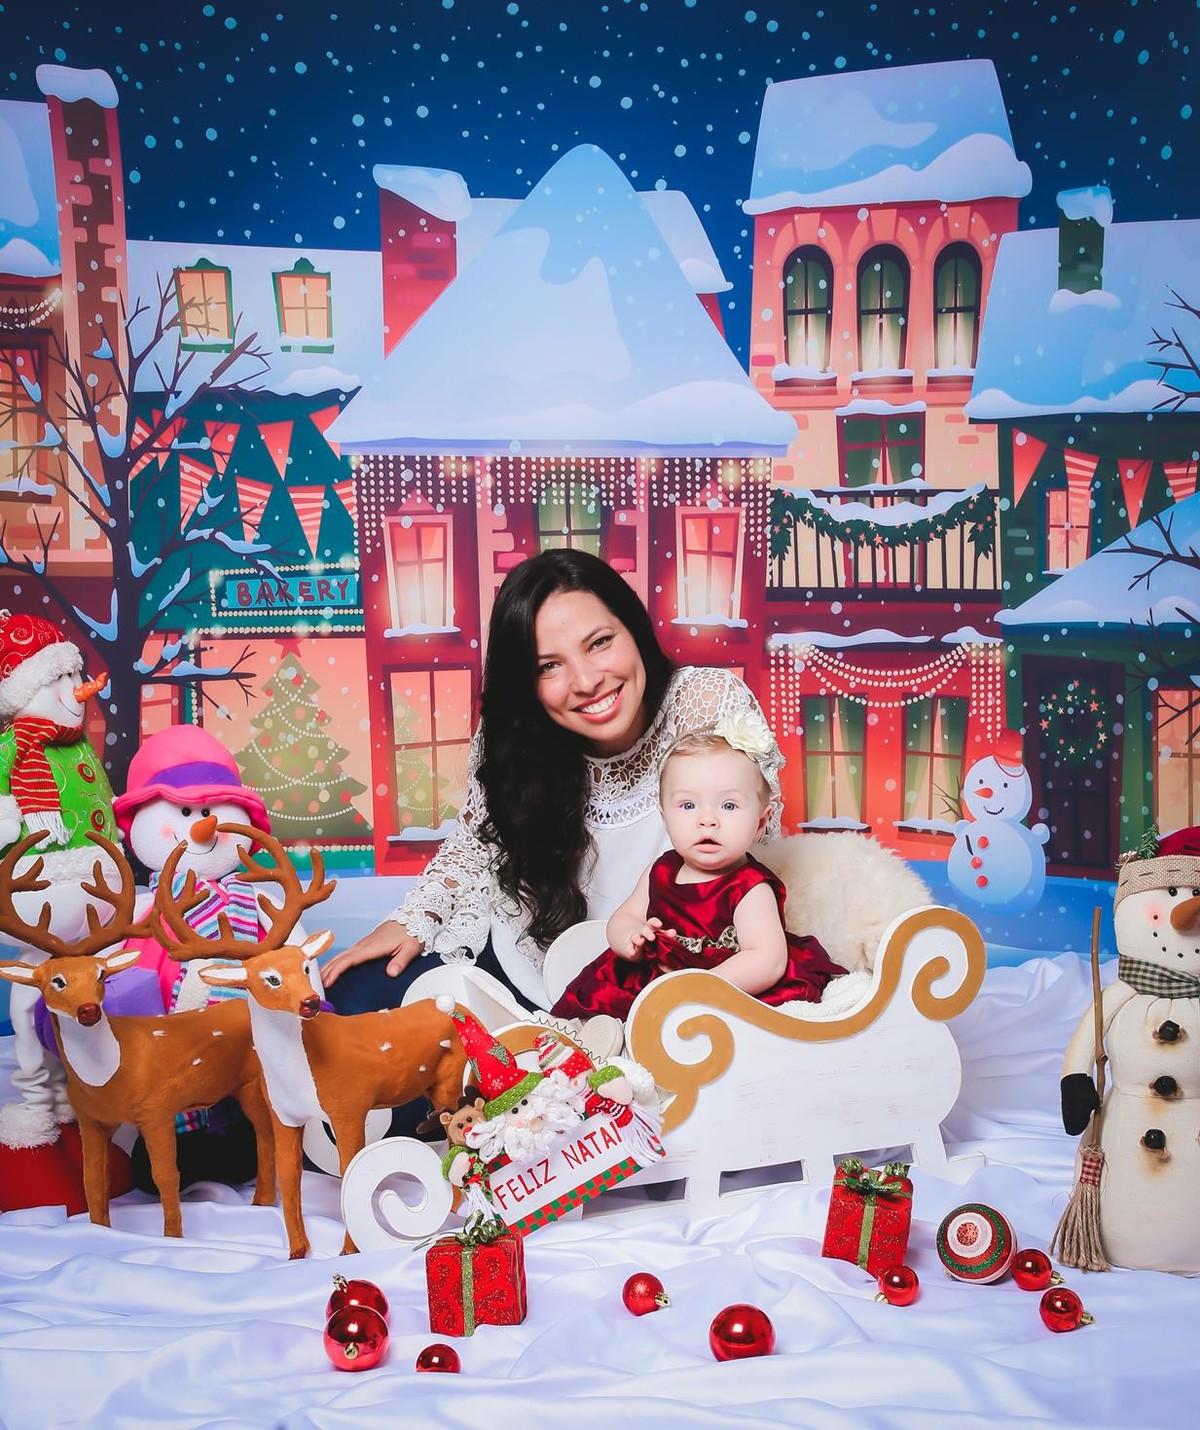 Fotos lindas de Natal  mãe e filha